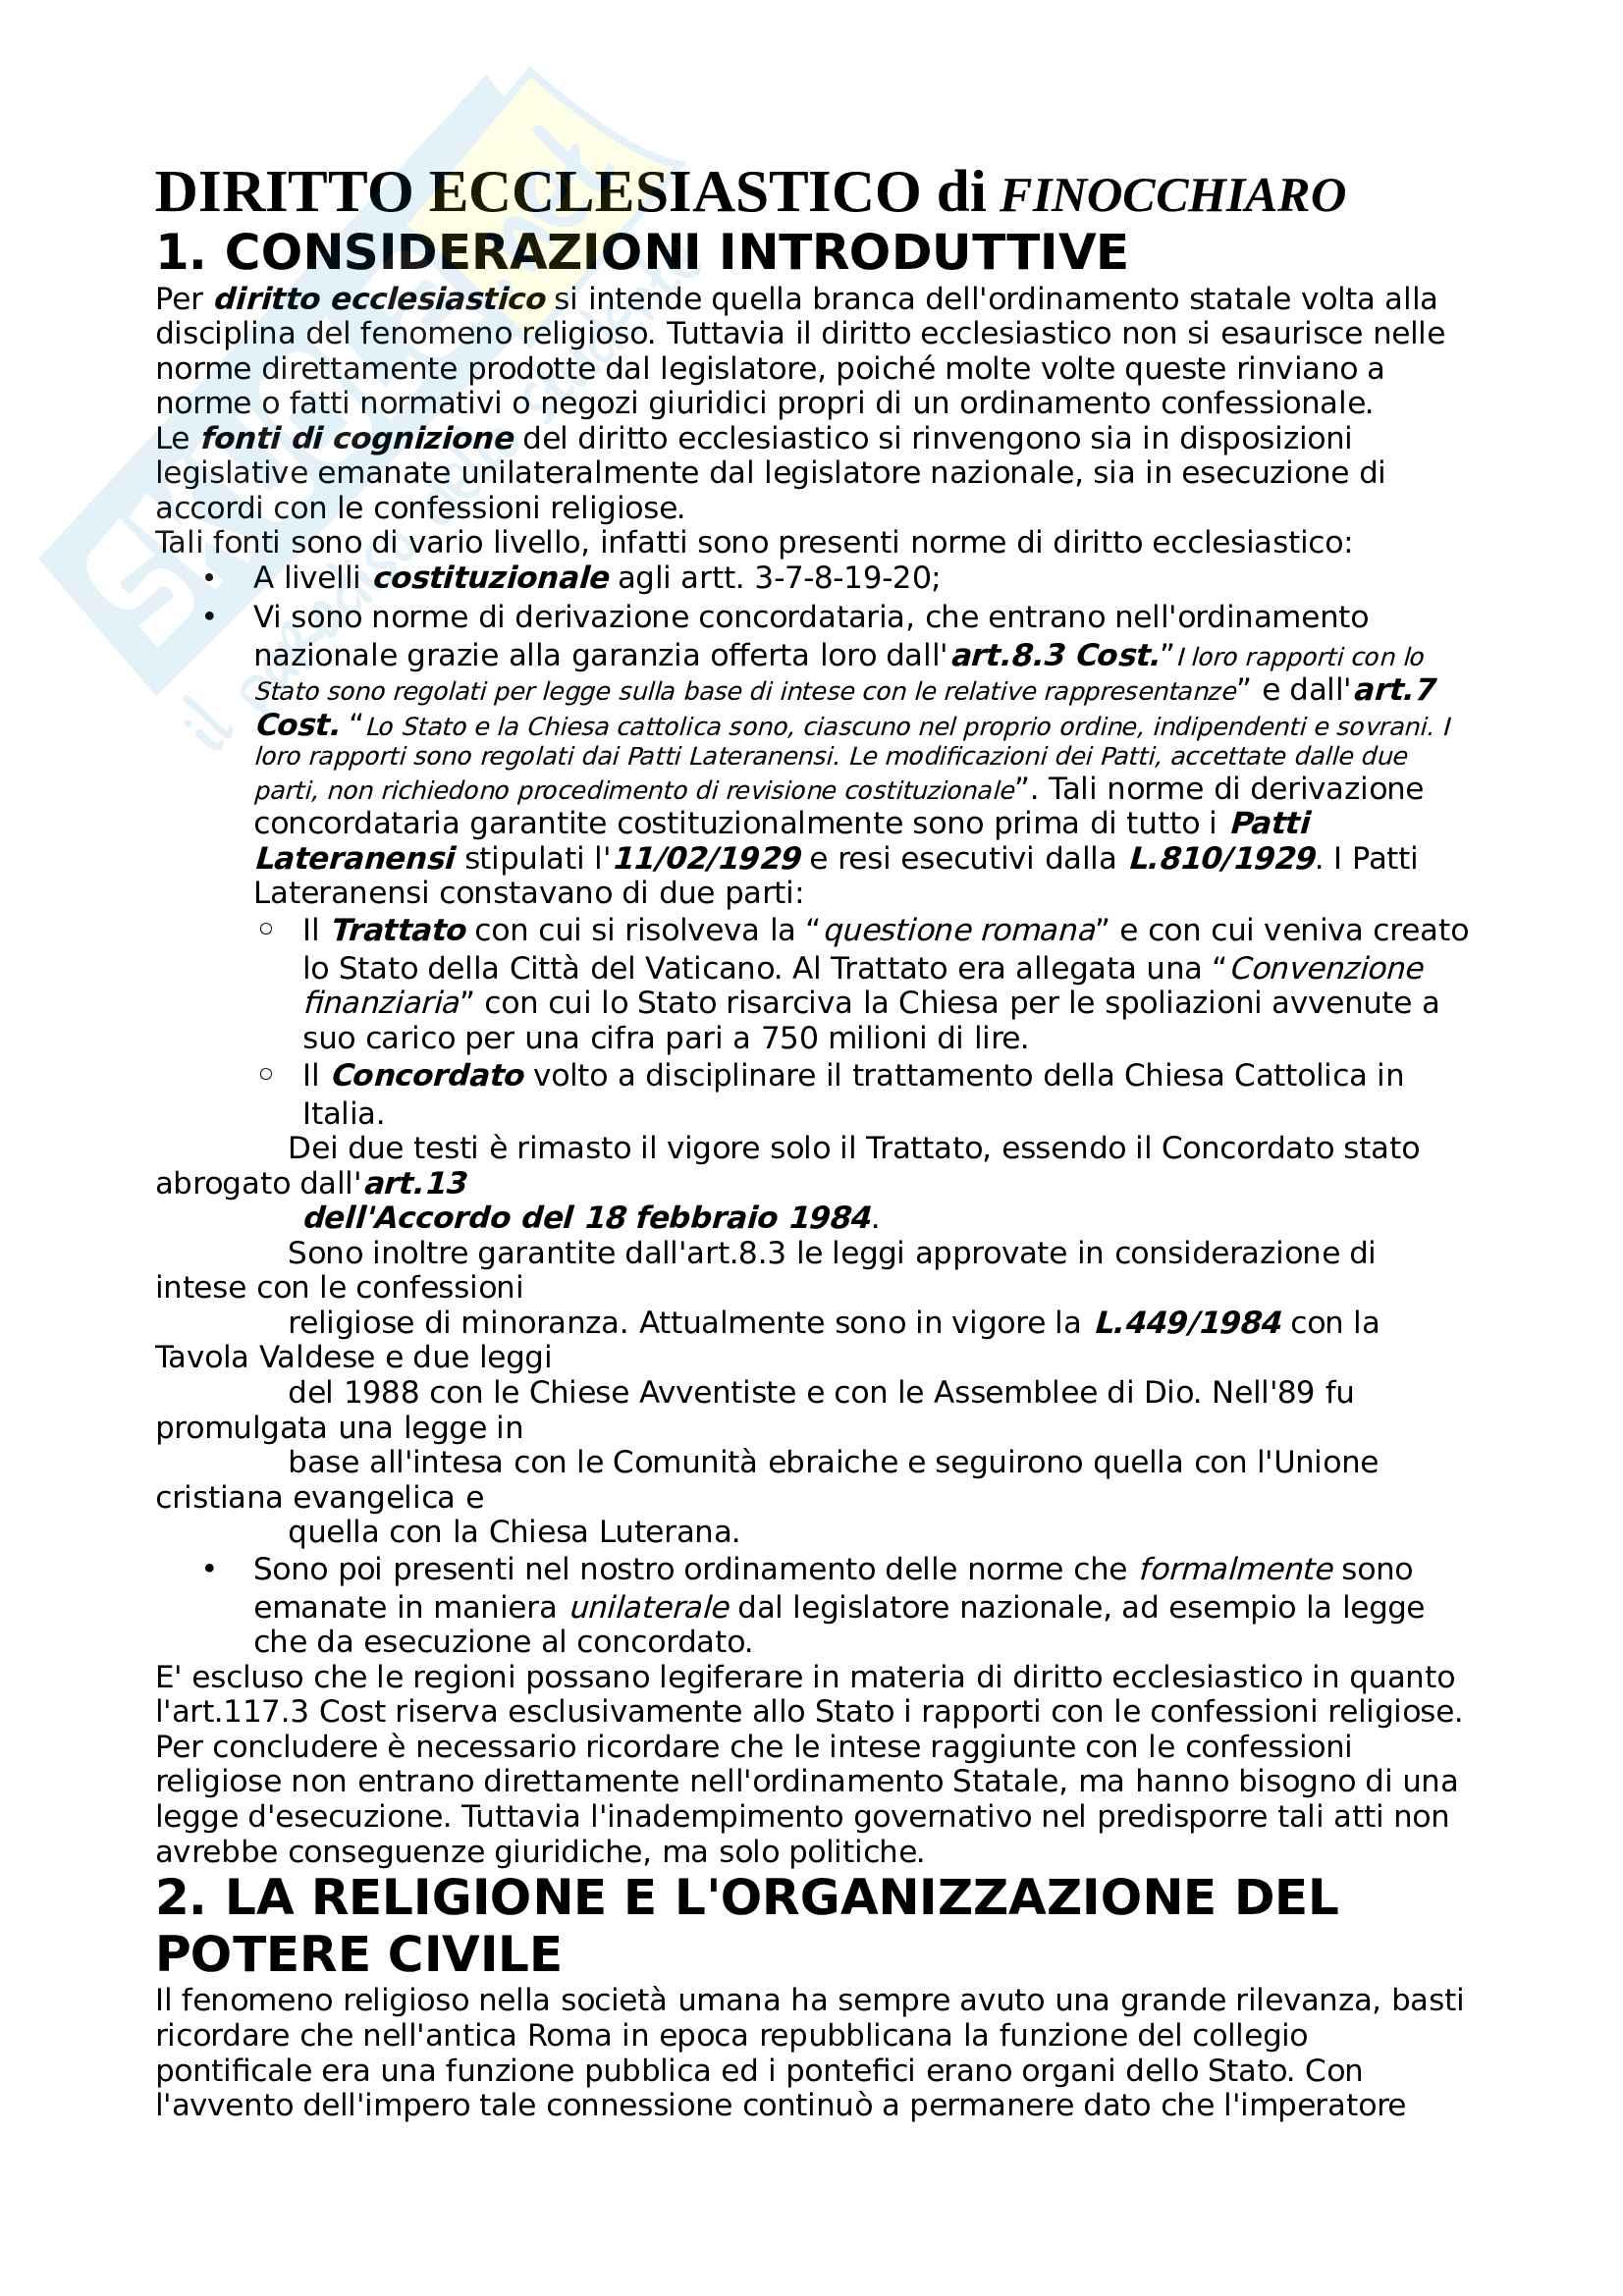 Riassunto esame Diritto Ecclesiastico, prof.Ventrella, libro consigliato Manuale di diritto ecclesiastico,  Finocchiaro